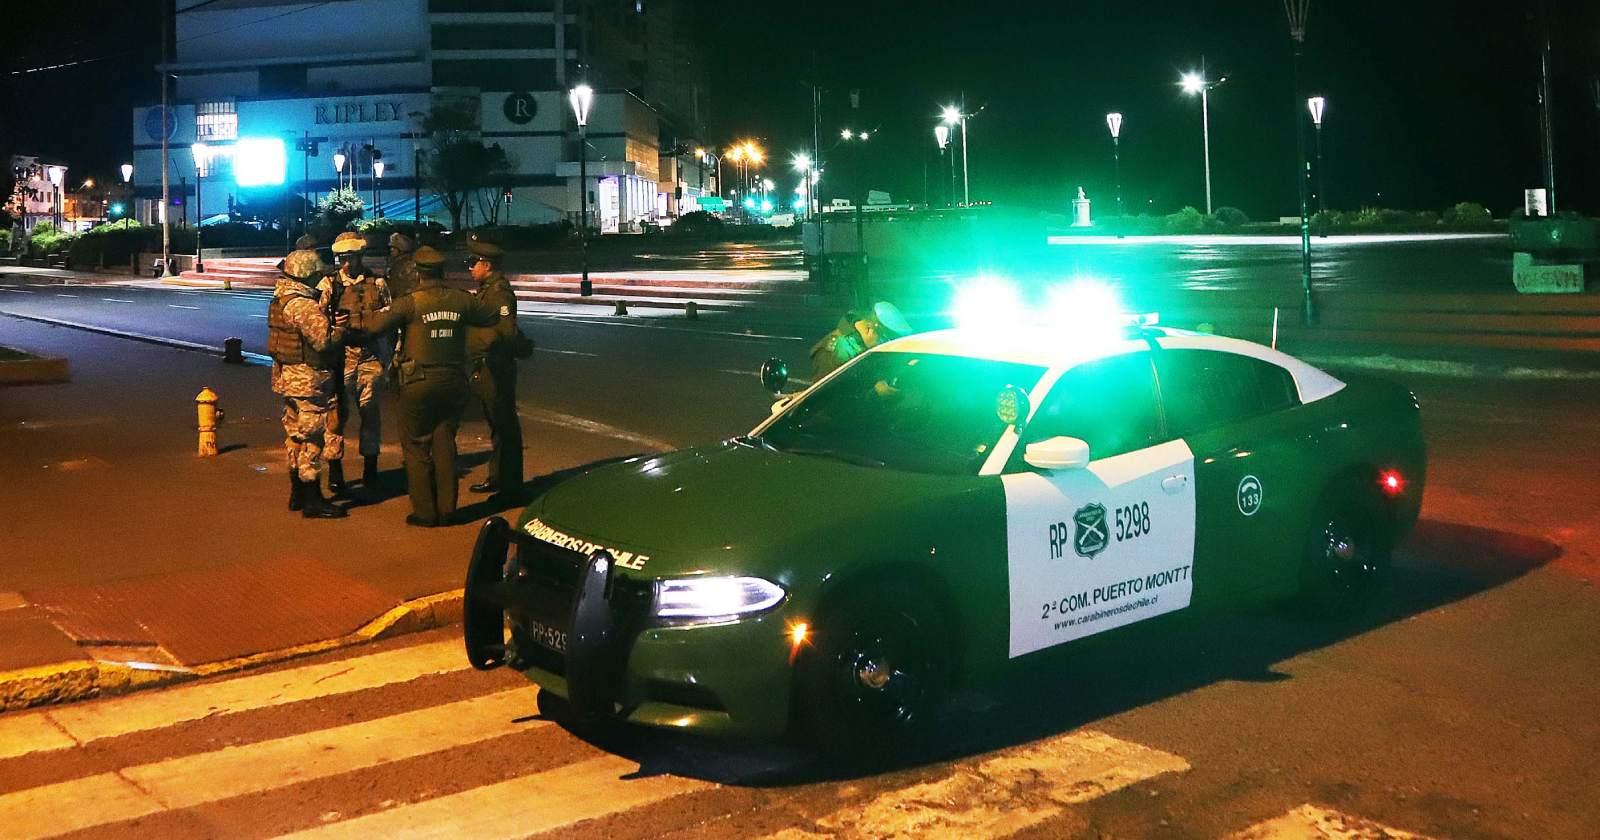 Un carabinero lesionado: sujeto murió tras evadir control policial en La Serena